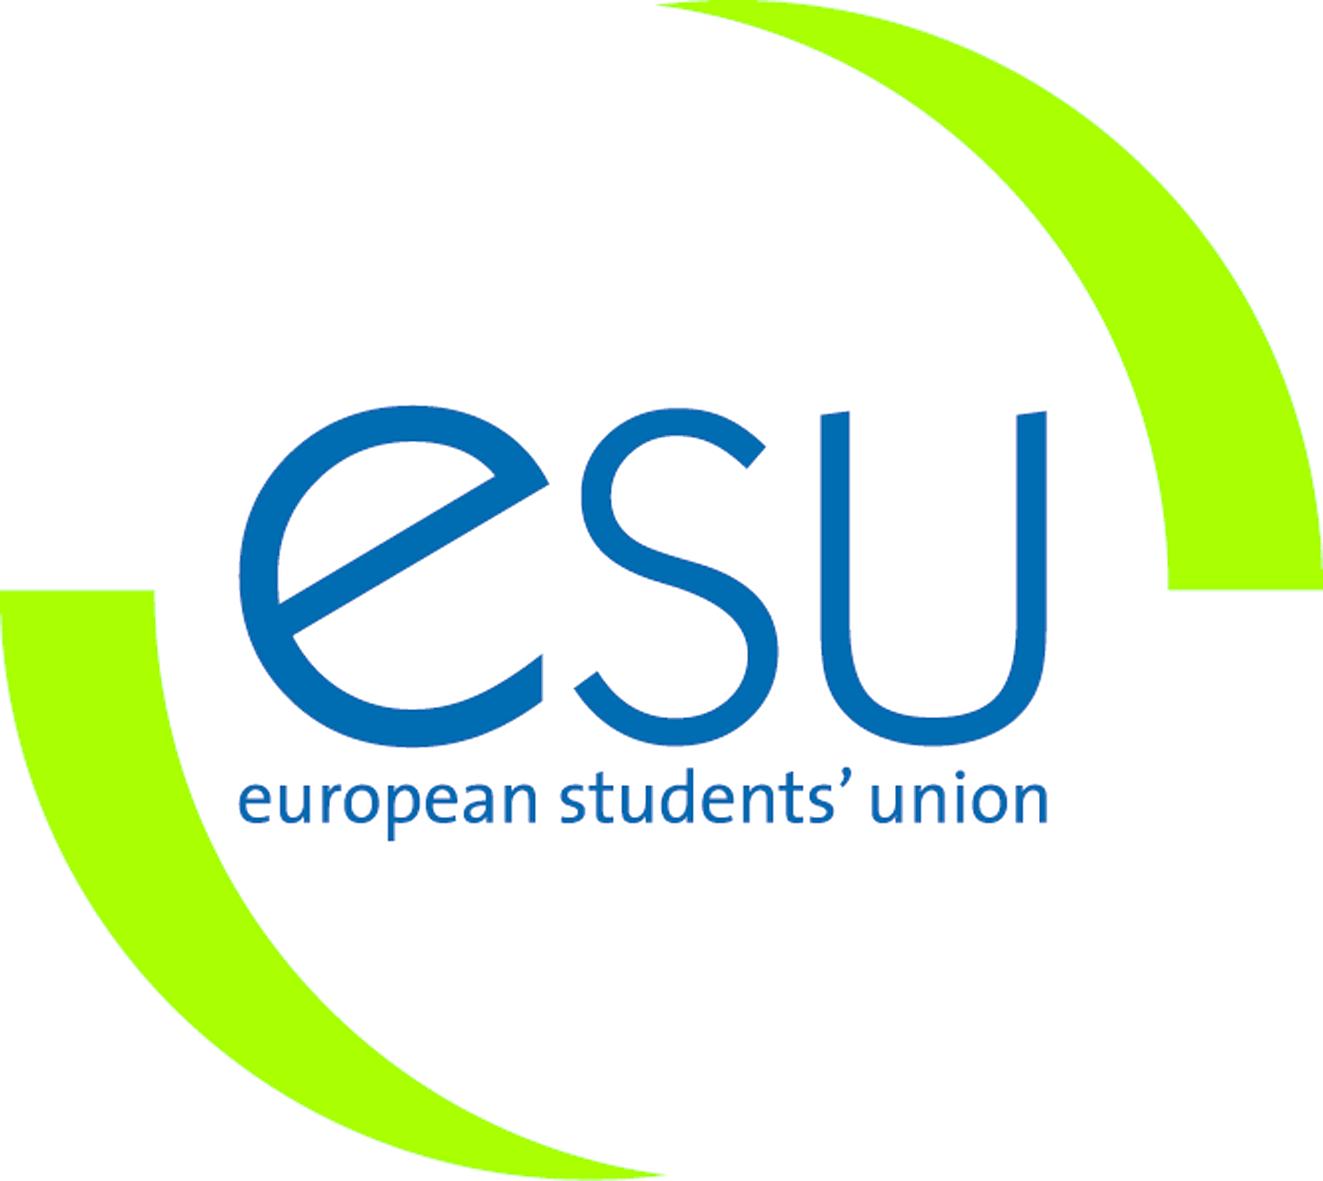 logo for European Students' Union